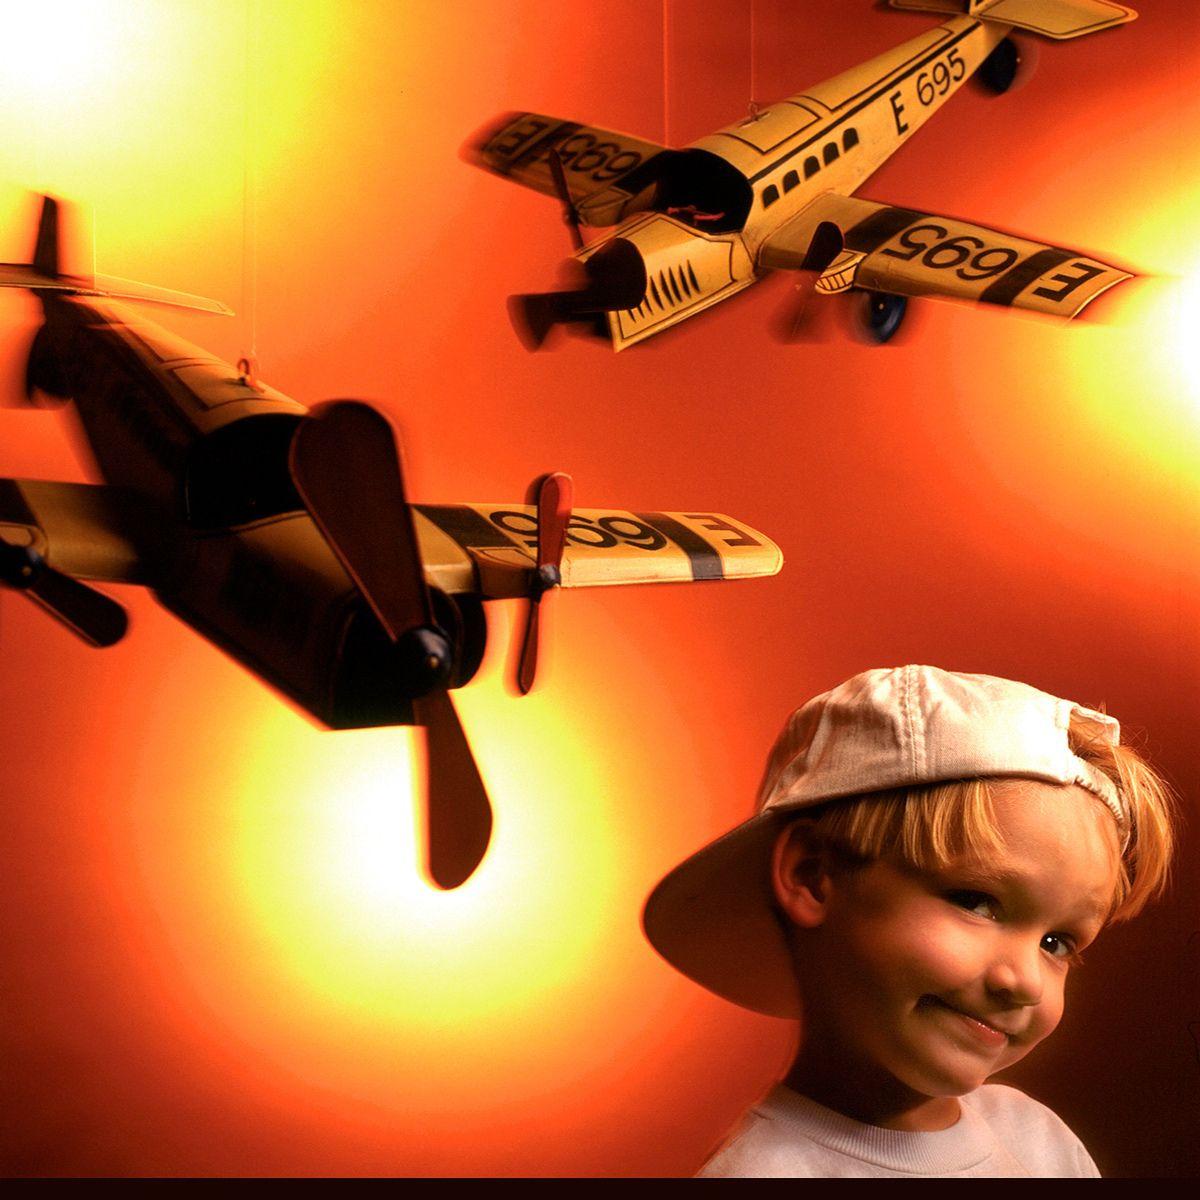 16_0_719_1jake_planes.jpg